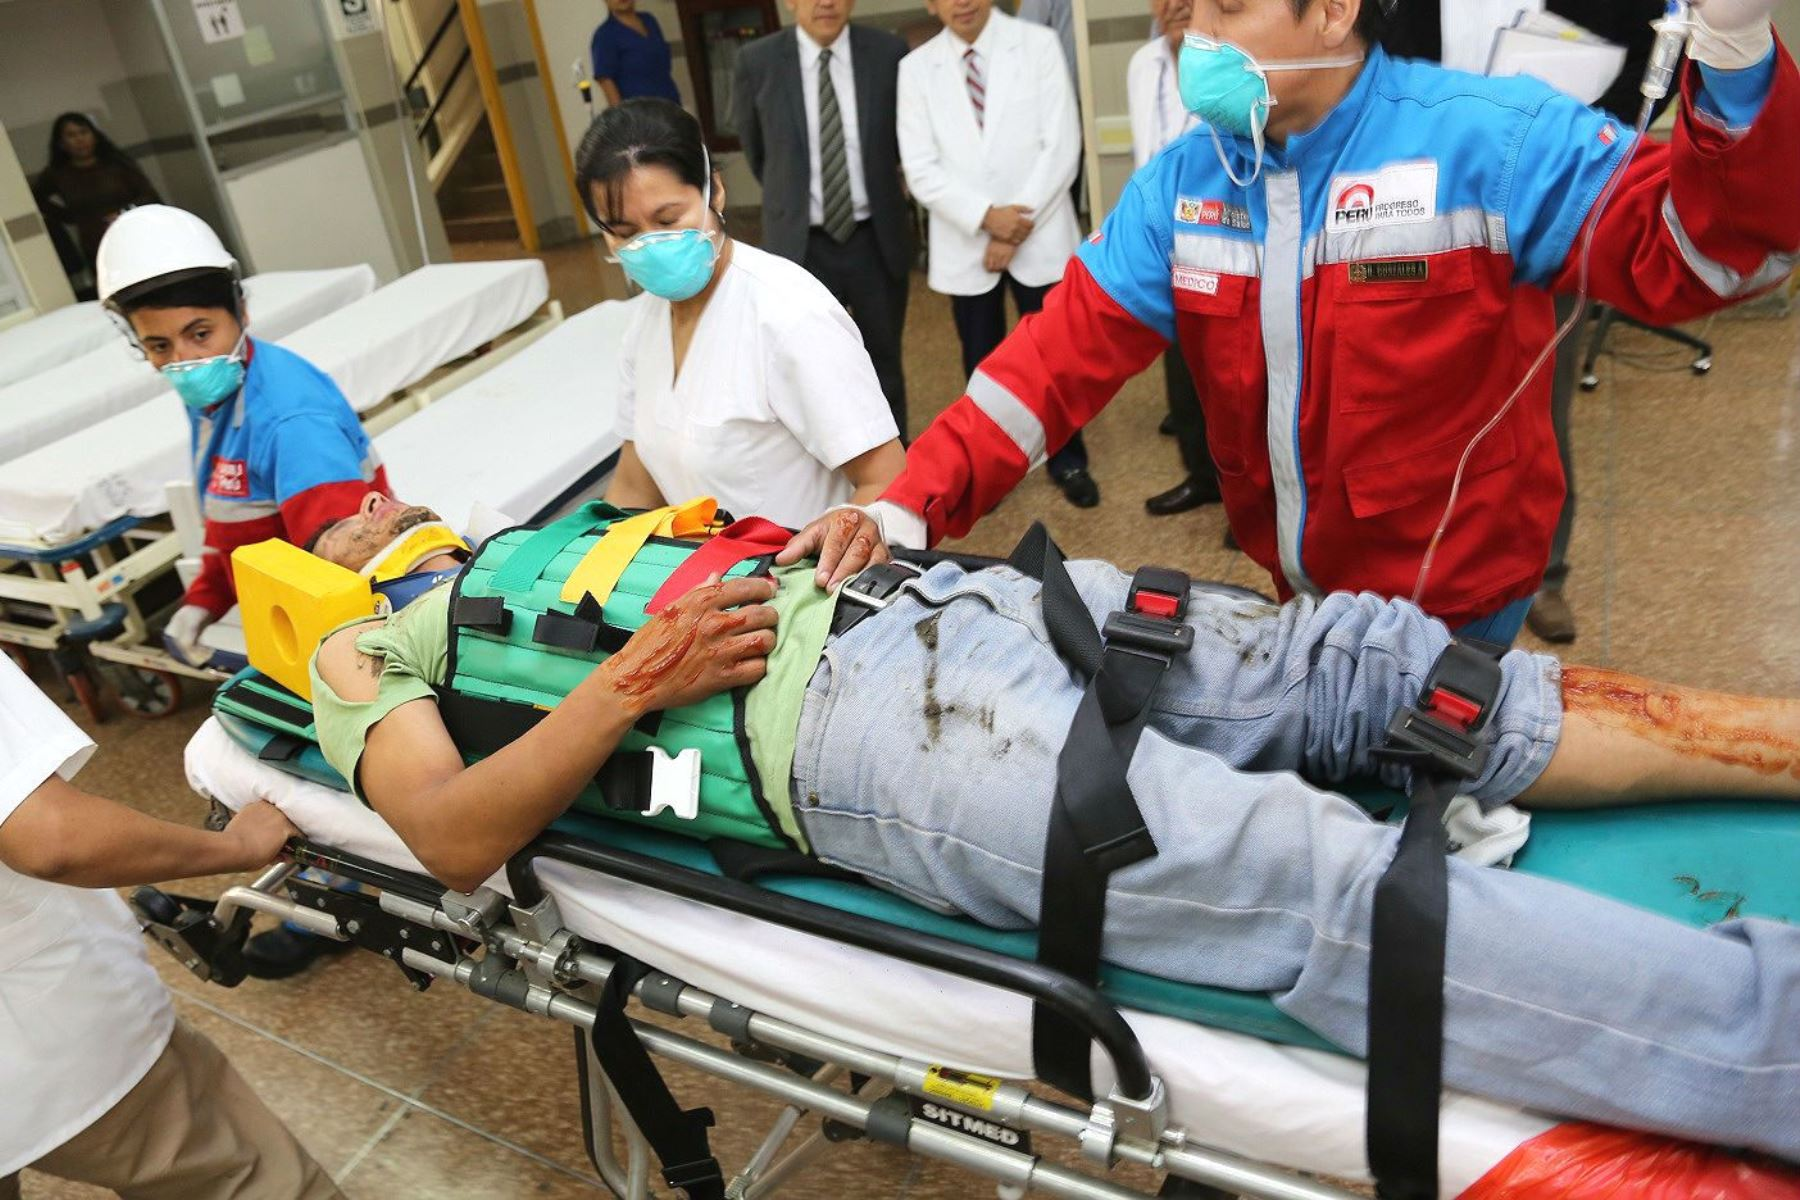 Hospitales o clínicas no deben exigir pago o trámite alguno en una emergencia. Foto: ANDINA/archivo.